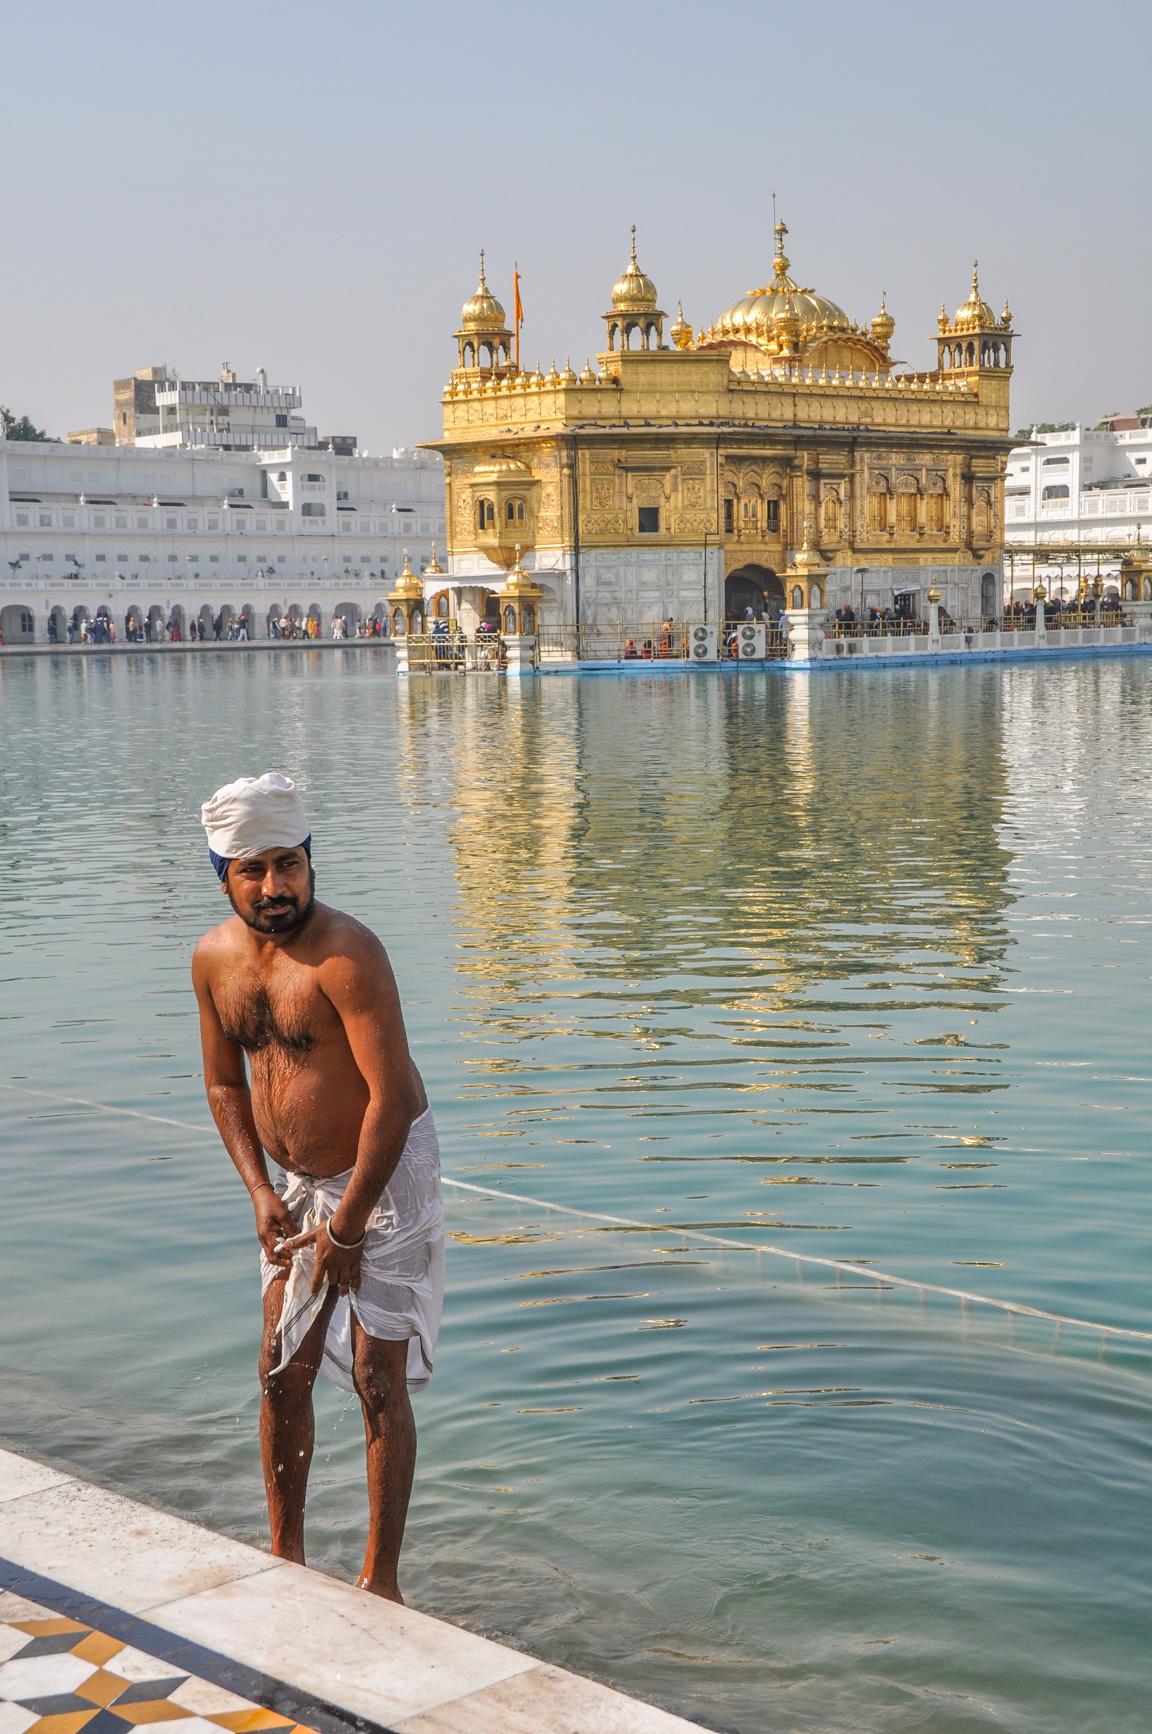 https://bubo.sk/uploads/galleries/3468/tomas_kubus_india_amritsar_dsc_0188.jpg